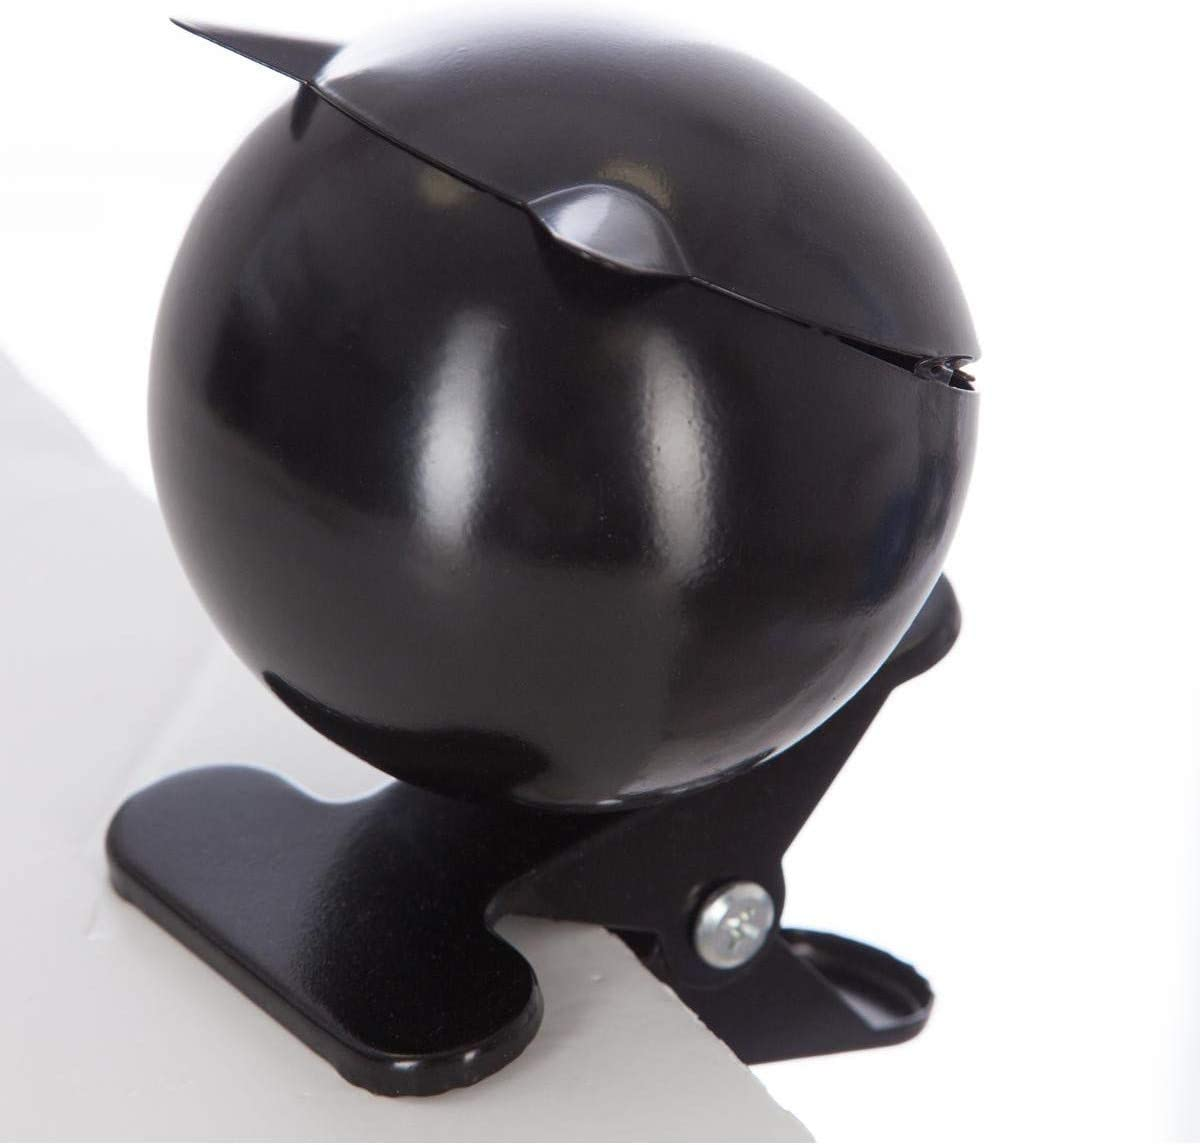 14 x l /Posacenere Sfera Pinza Nero D9 13,7 cm Nero 10,3 x H Ferro Atmosphera/ L